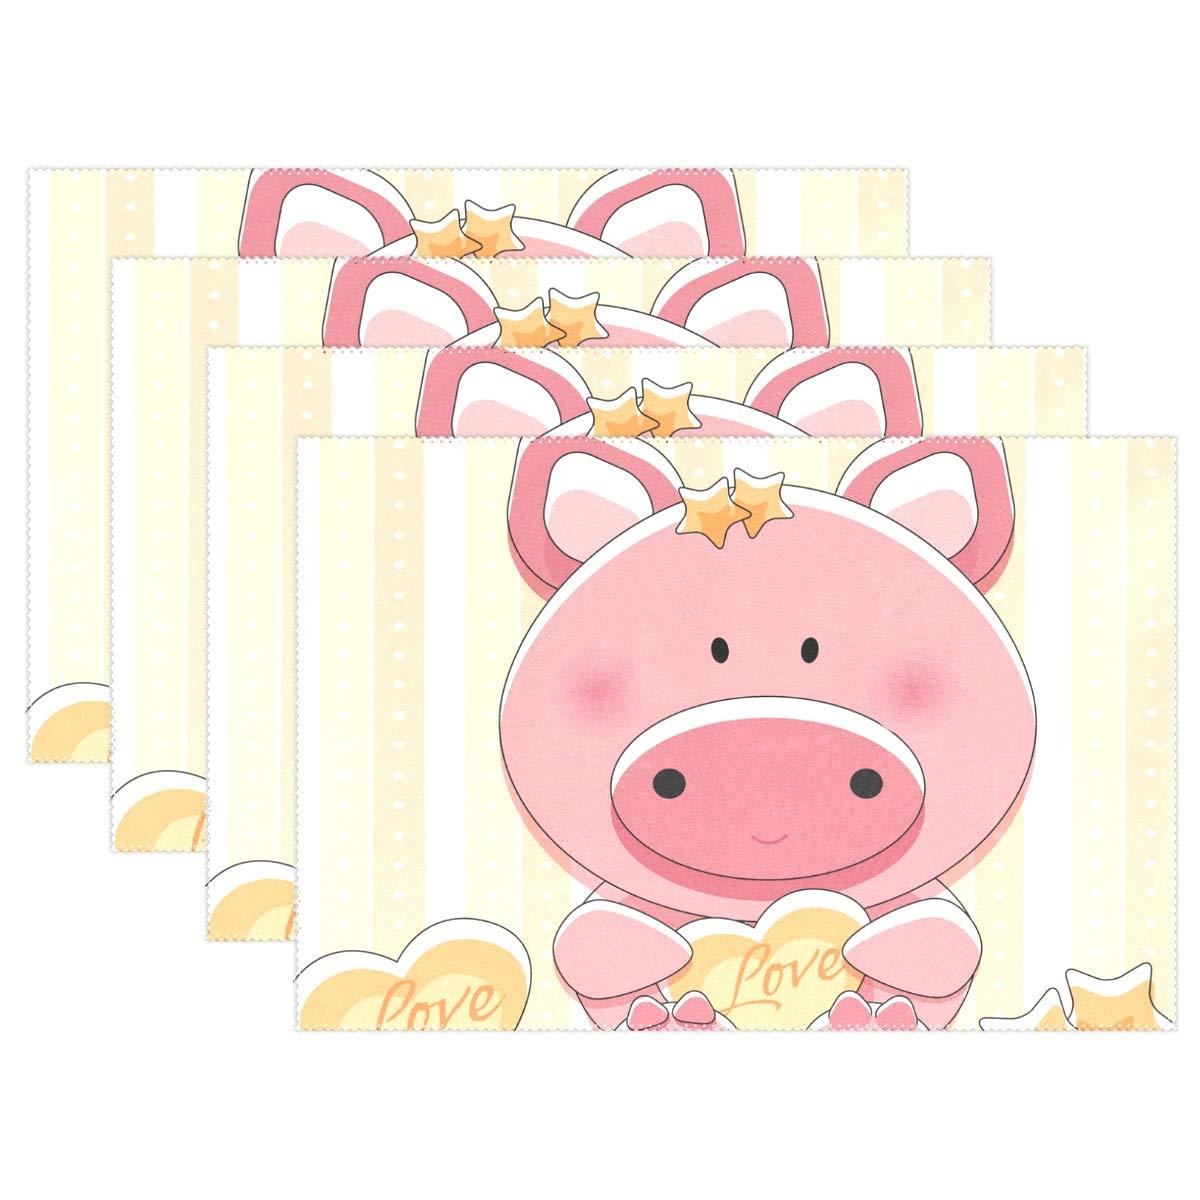 MUMIMI Hitzebeständige Platzsets, 6 Stück, schöne Schweinchen mit Herzdruck, waschbare Stoff-Tischmatten für Esszimmer, Küche, Tischdekoration